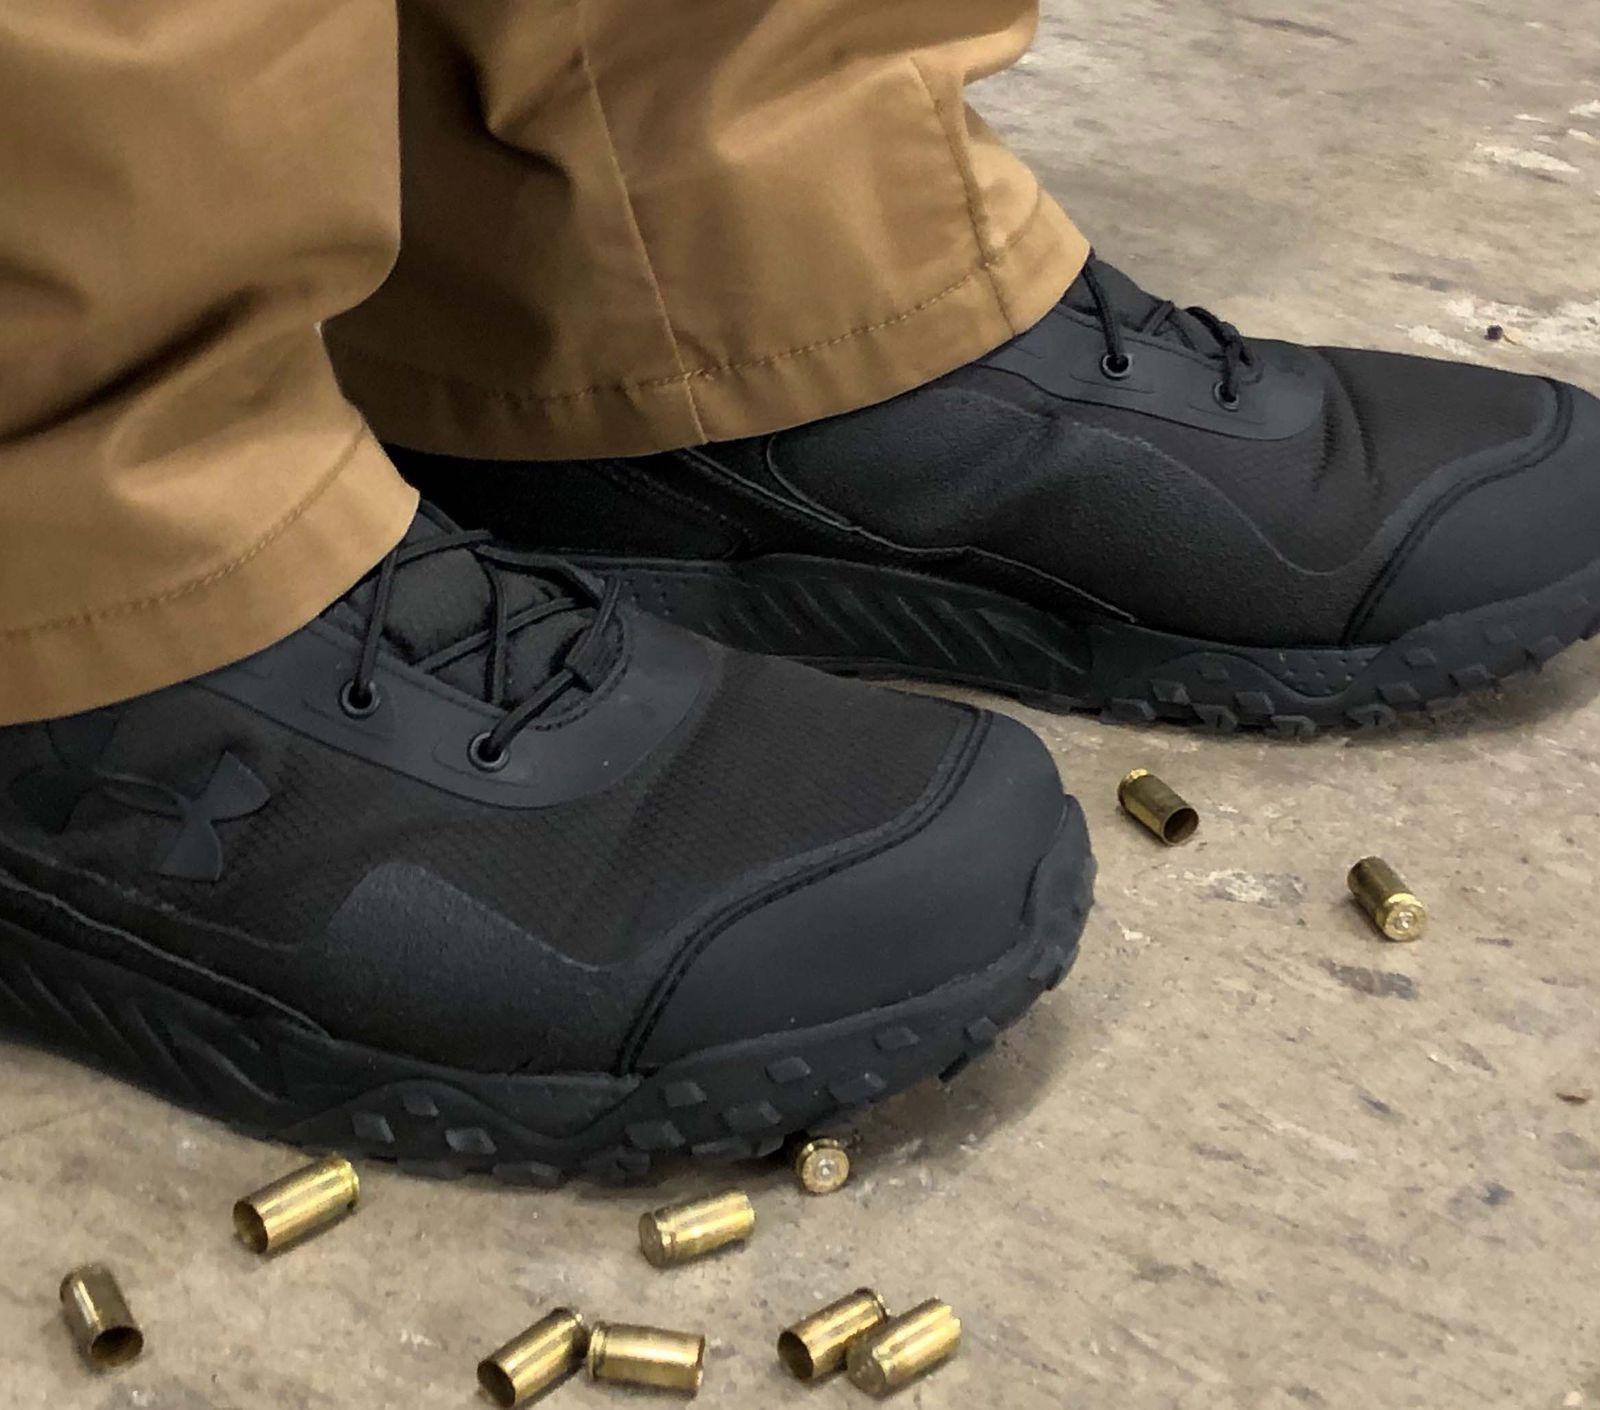 Law Enforcement Review Under Armour S Valsetz Boots